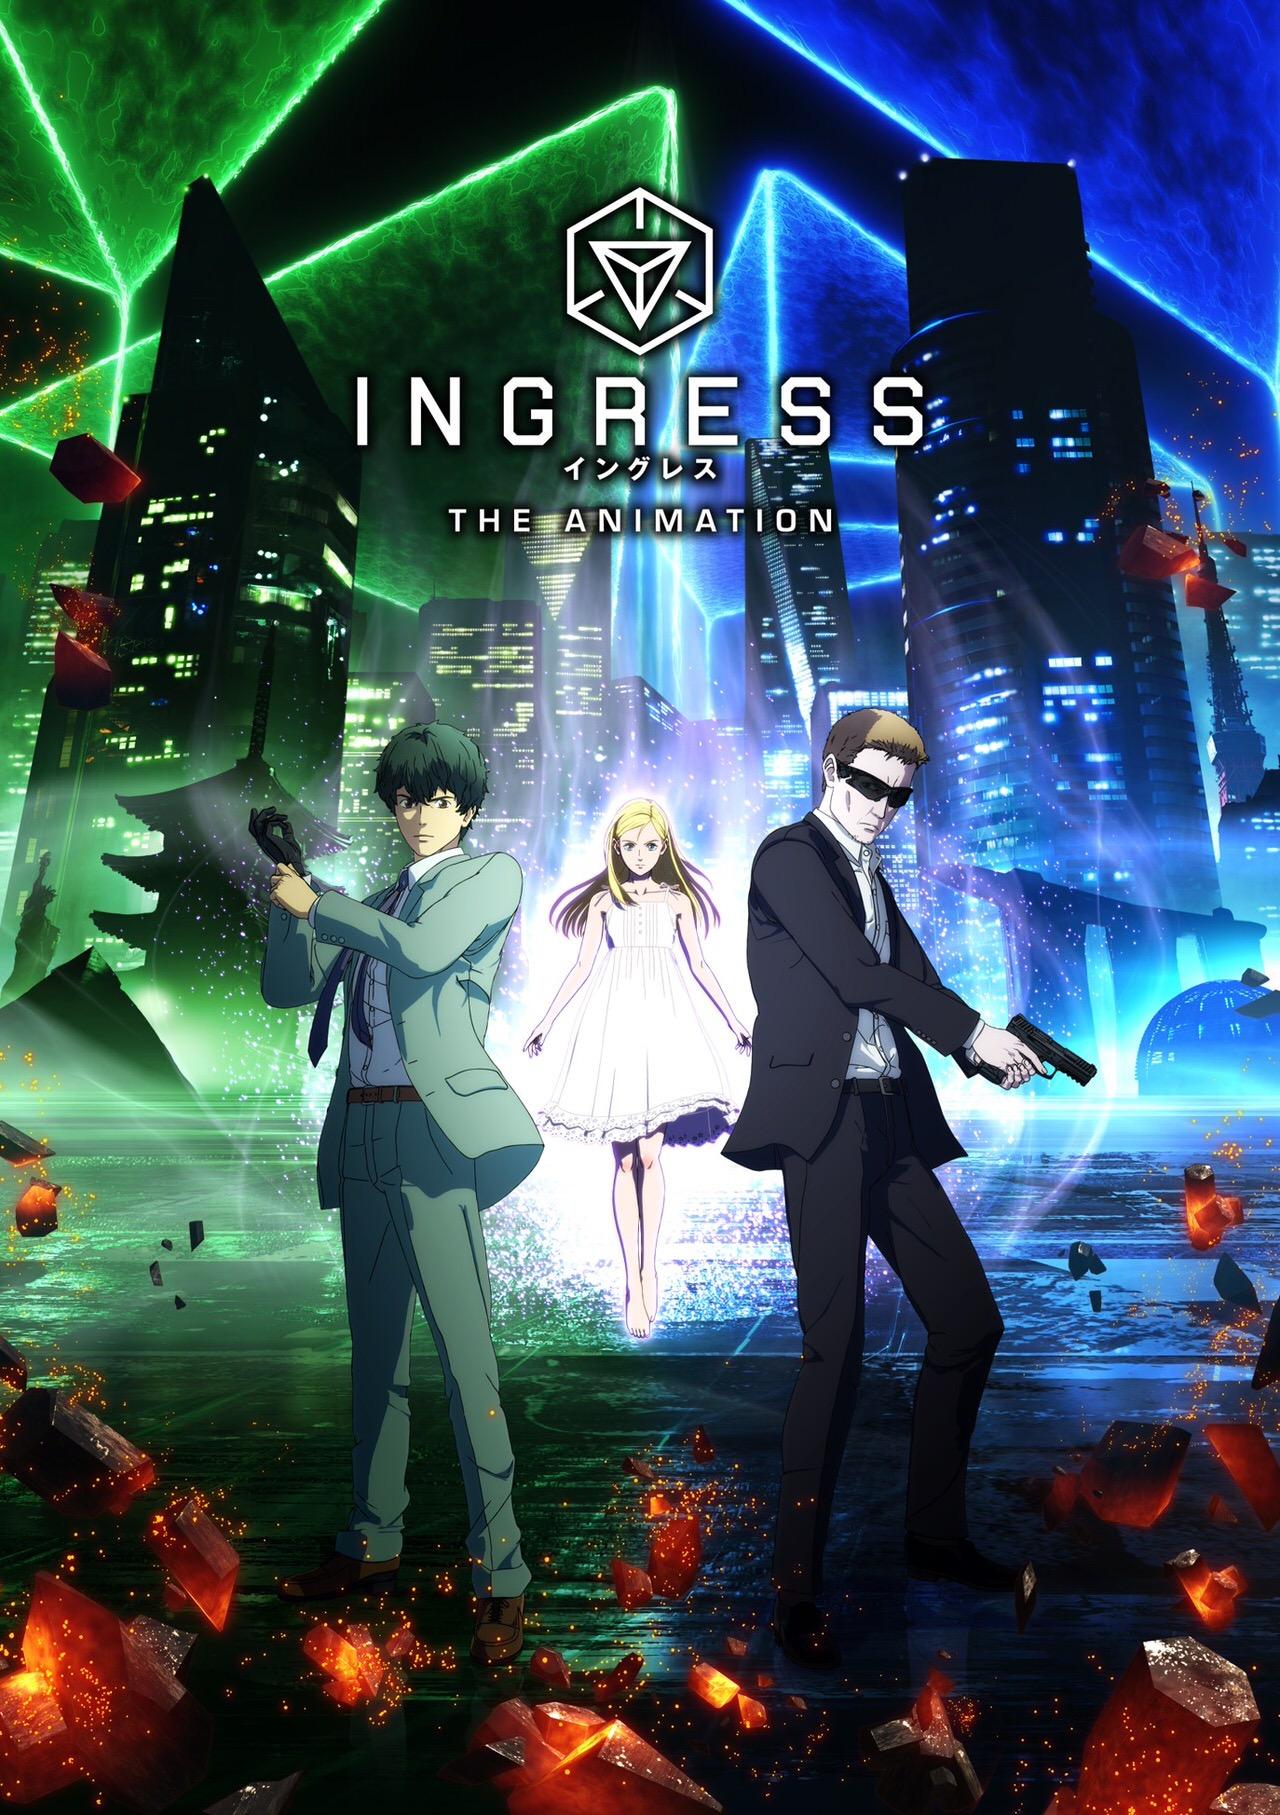 アニメ版「イングレス」放送開始日&新キャラクター(キャスト)を発表 #IngressAnime